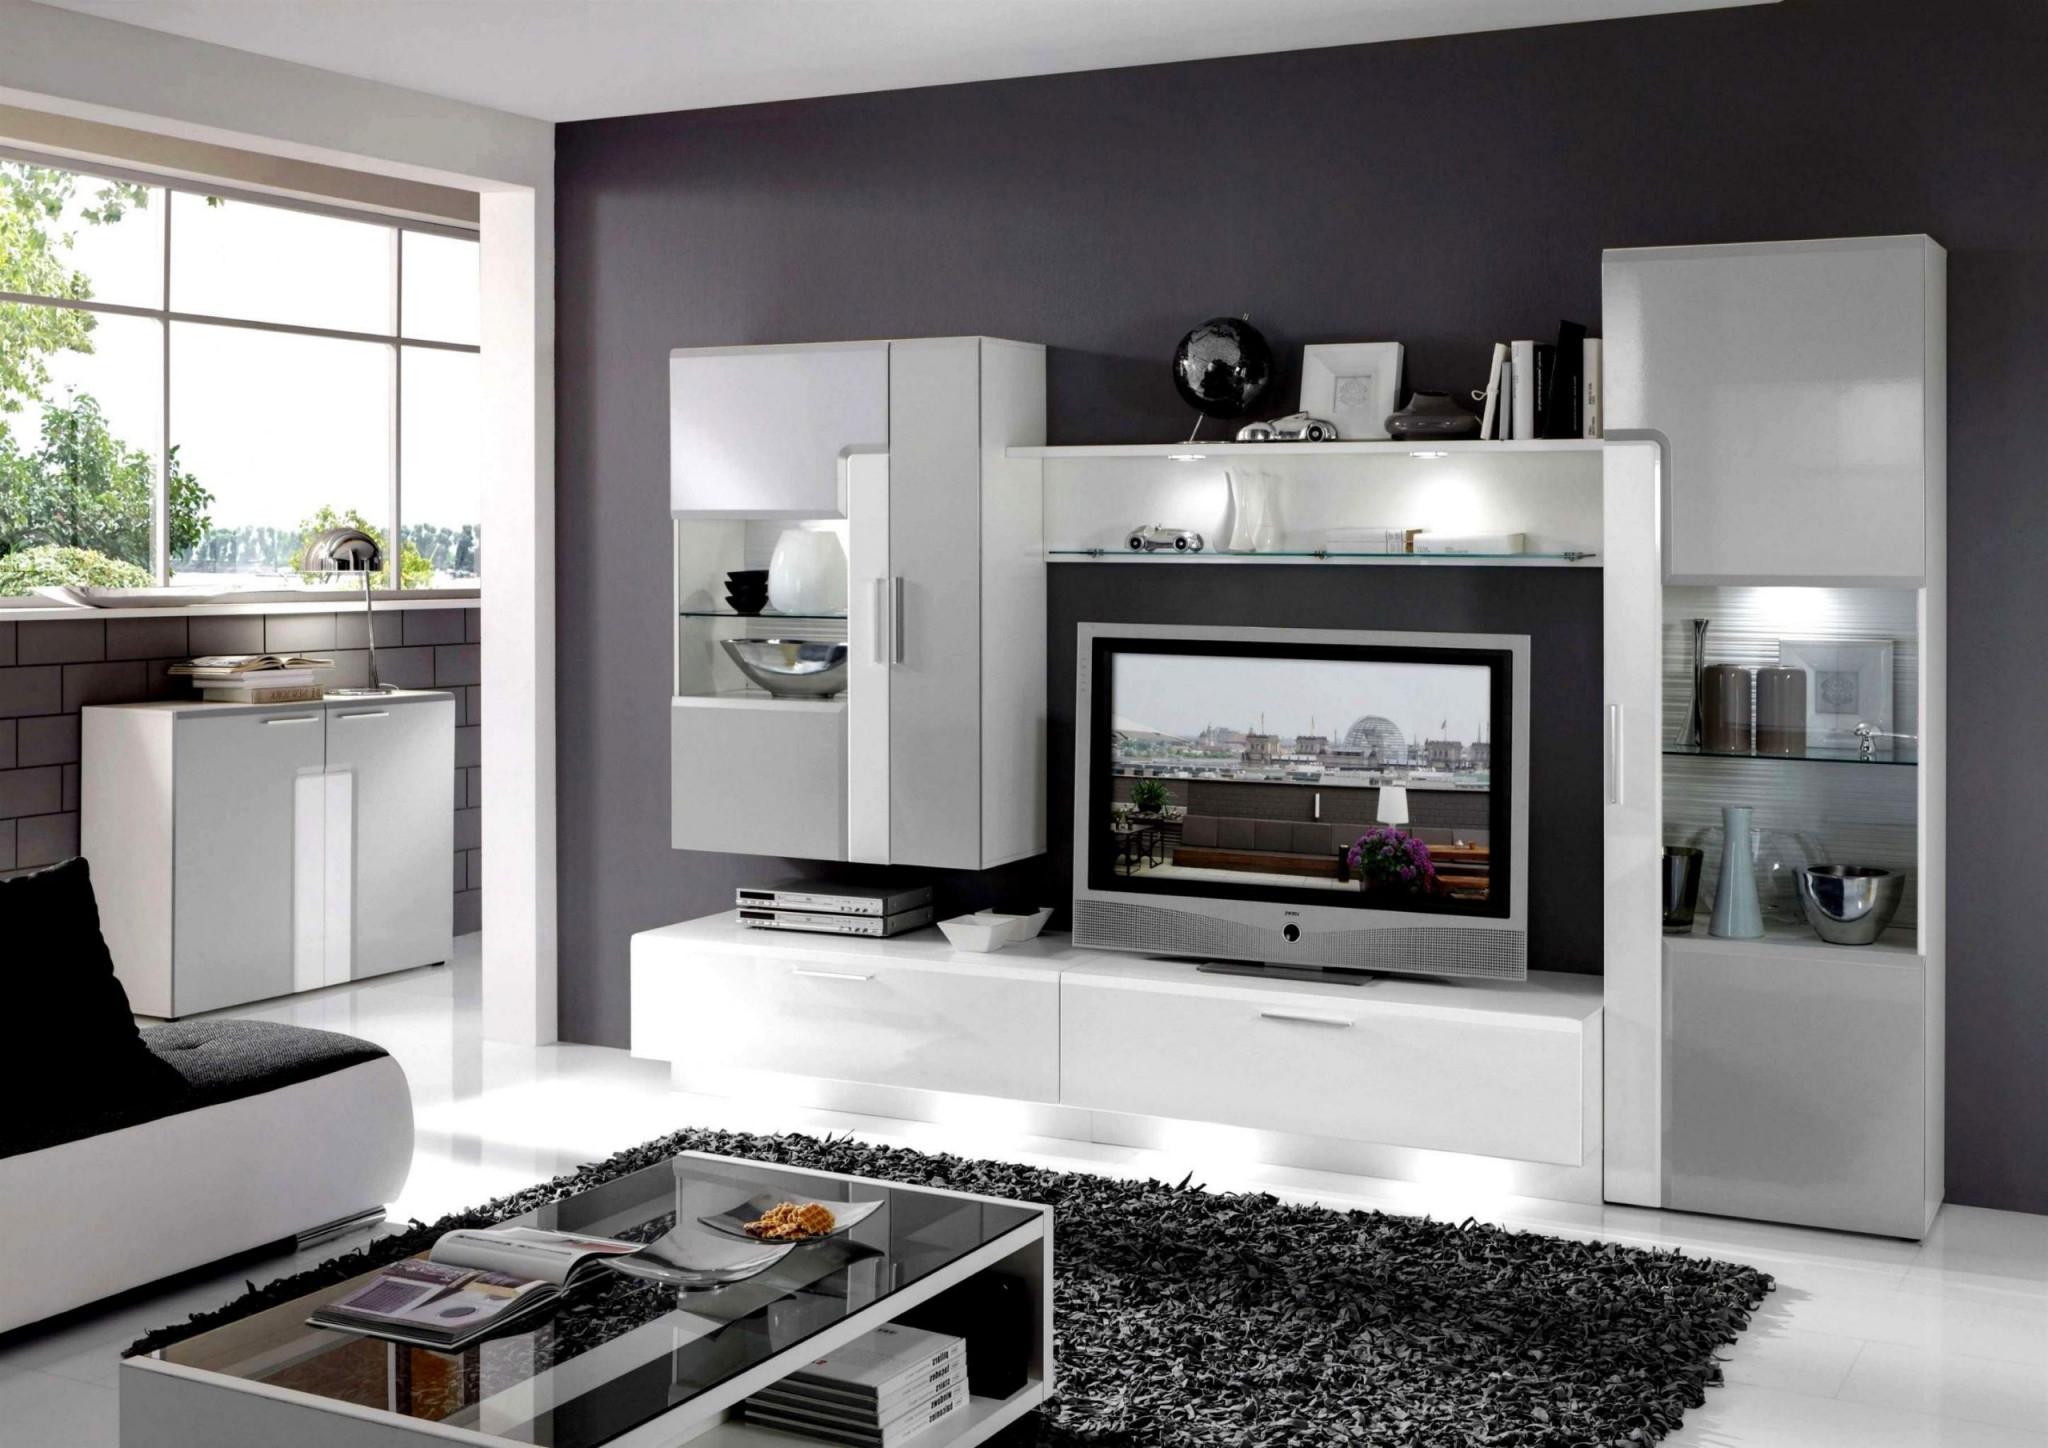 25 Neu Wohnzimmer Ideen Farbgestaltung Elegant  Wohnzimmer von Wohnzimmer Ideen Wandfarbe Bild